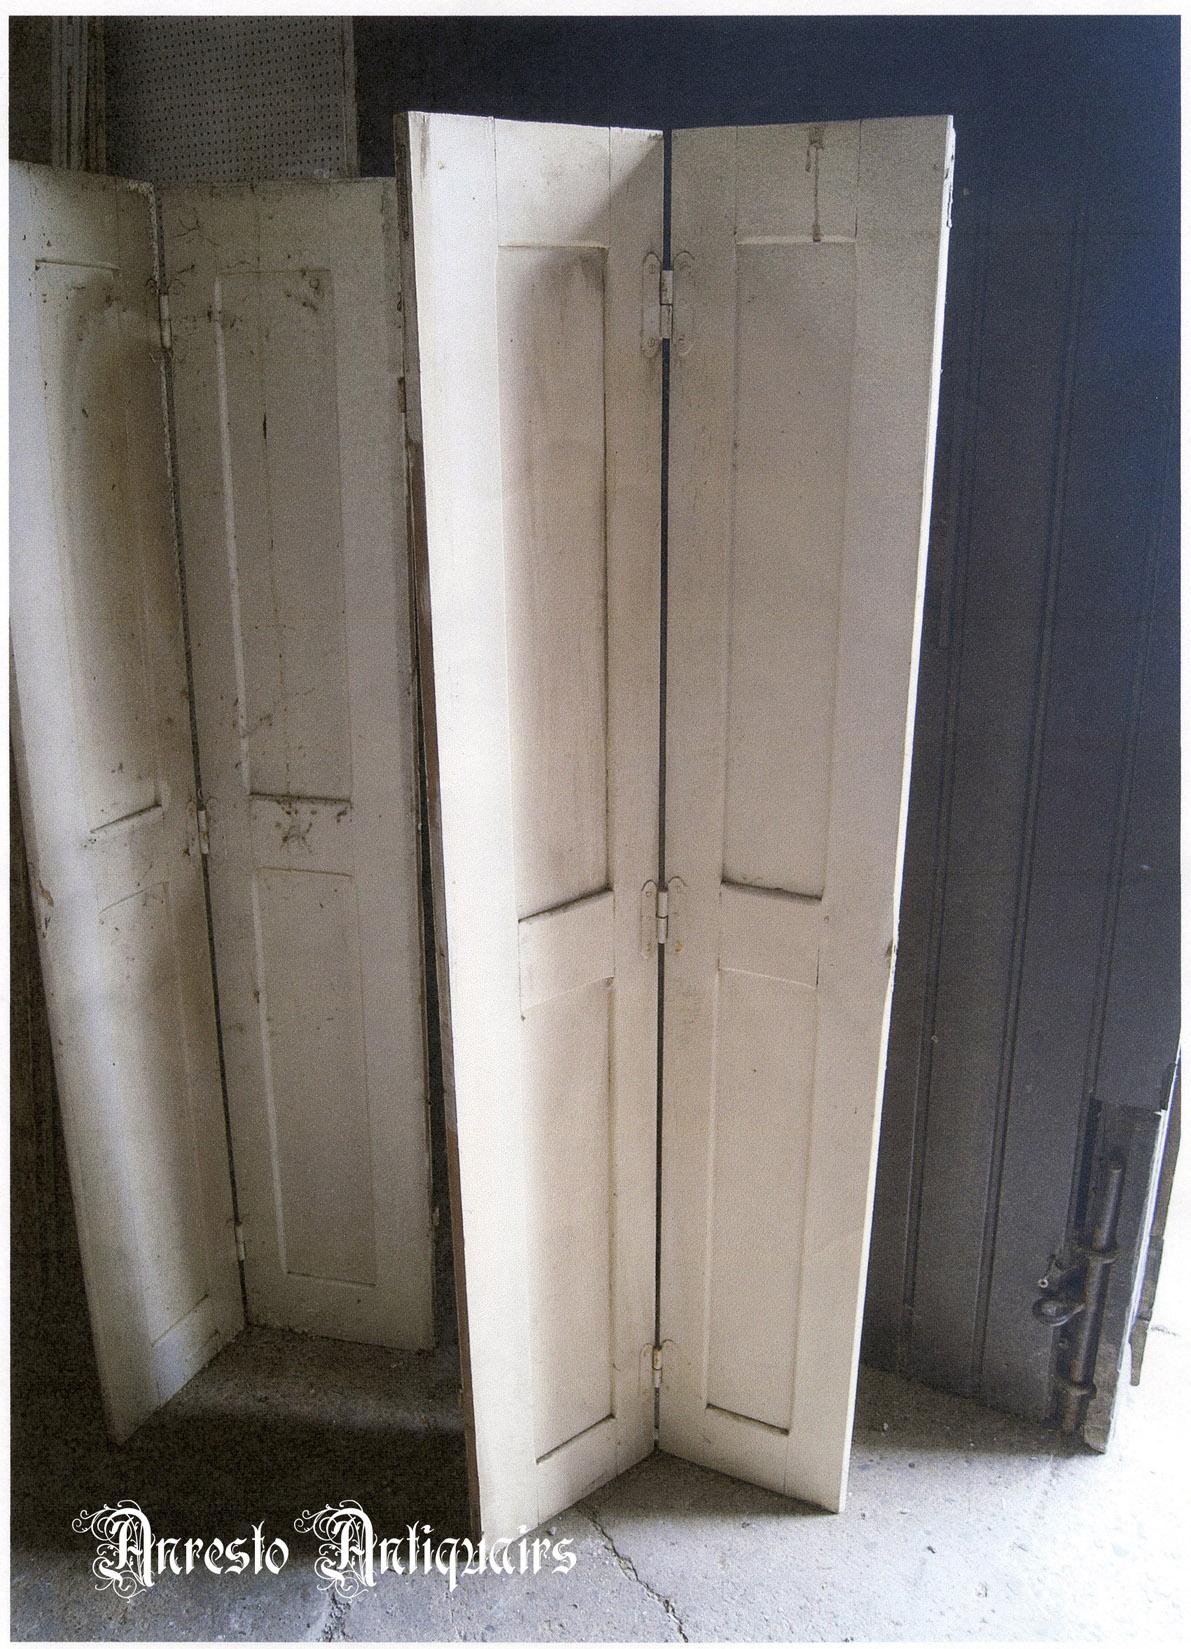 Ref. 24 – Exclusieve binnenluiken op maat uit oud hout